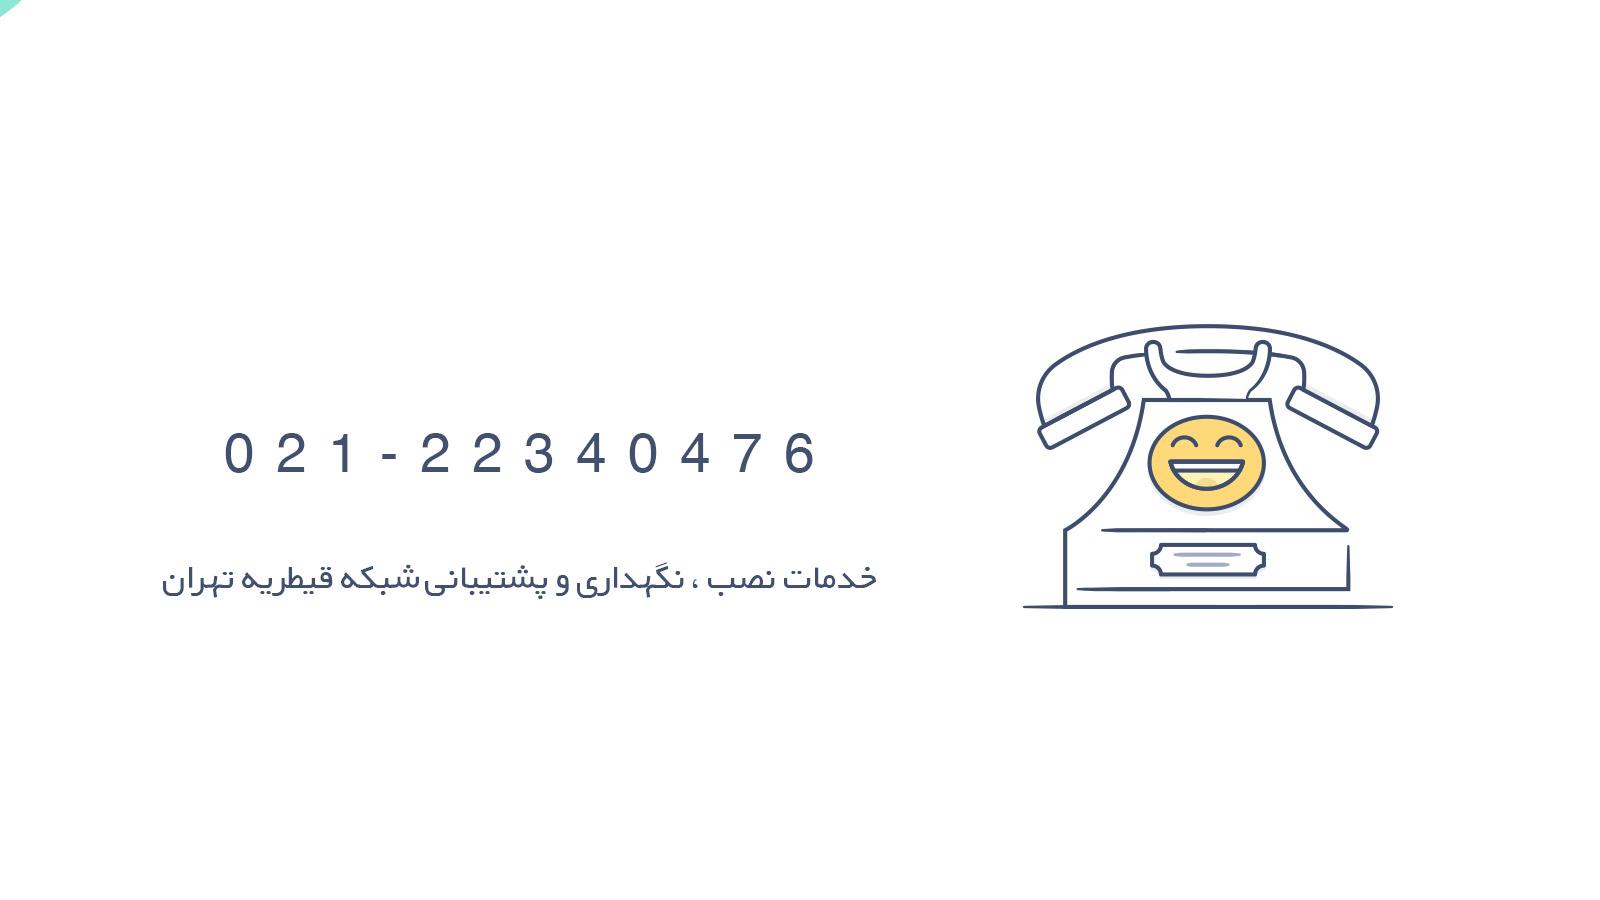 تماس با رایان پشتیبان